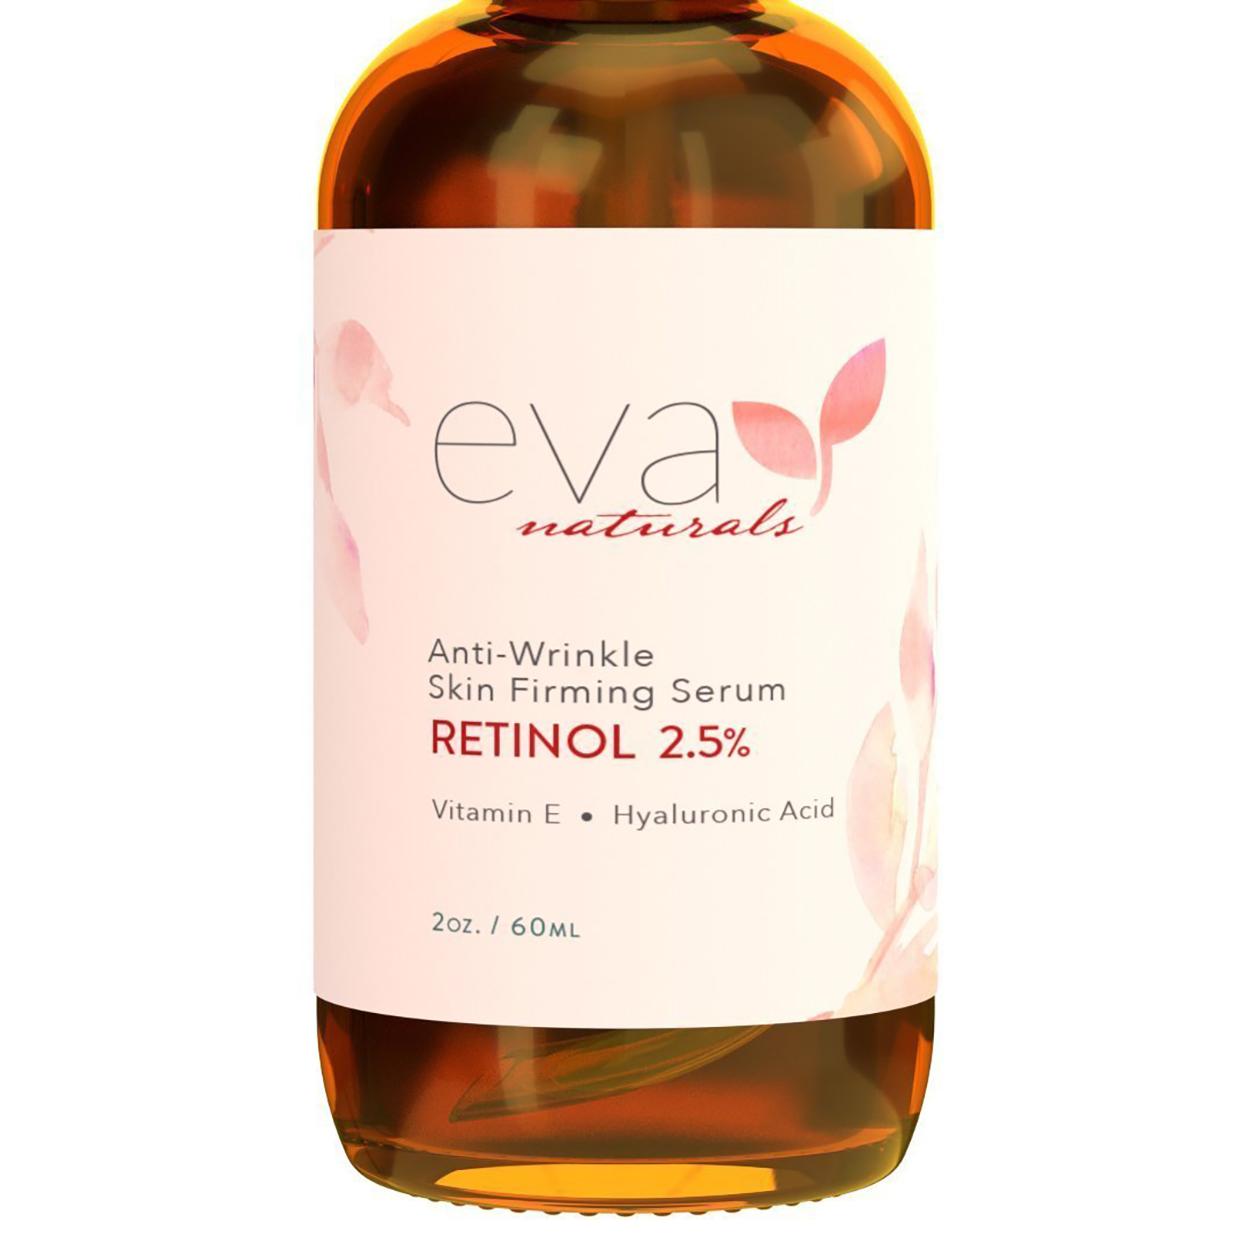 Eva Naturals Anti-Wrinkle Skin Firming Serum